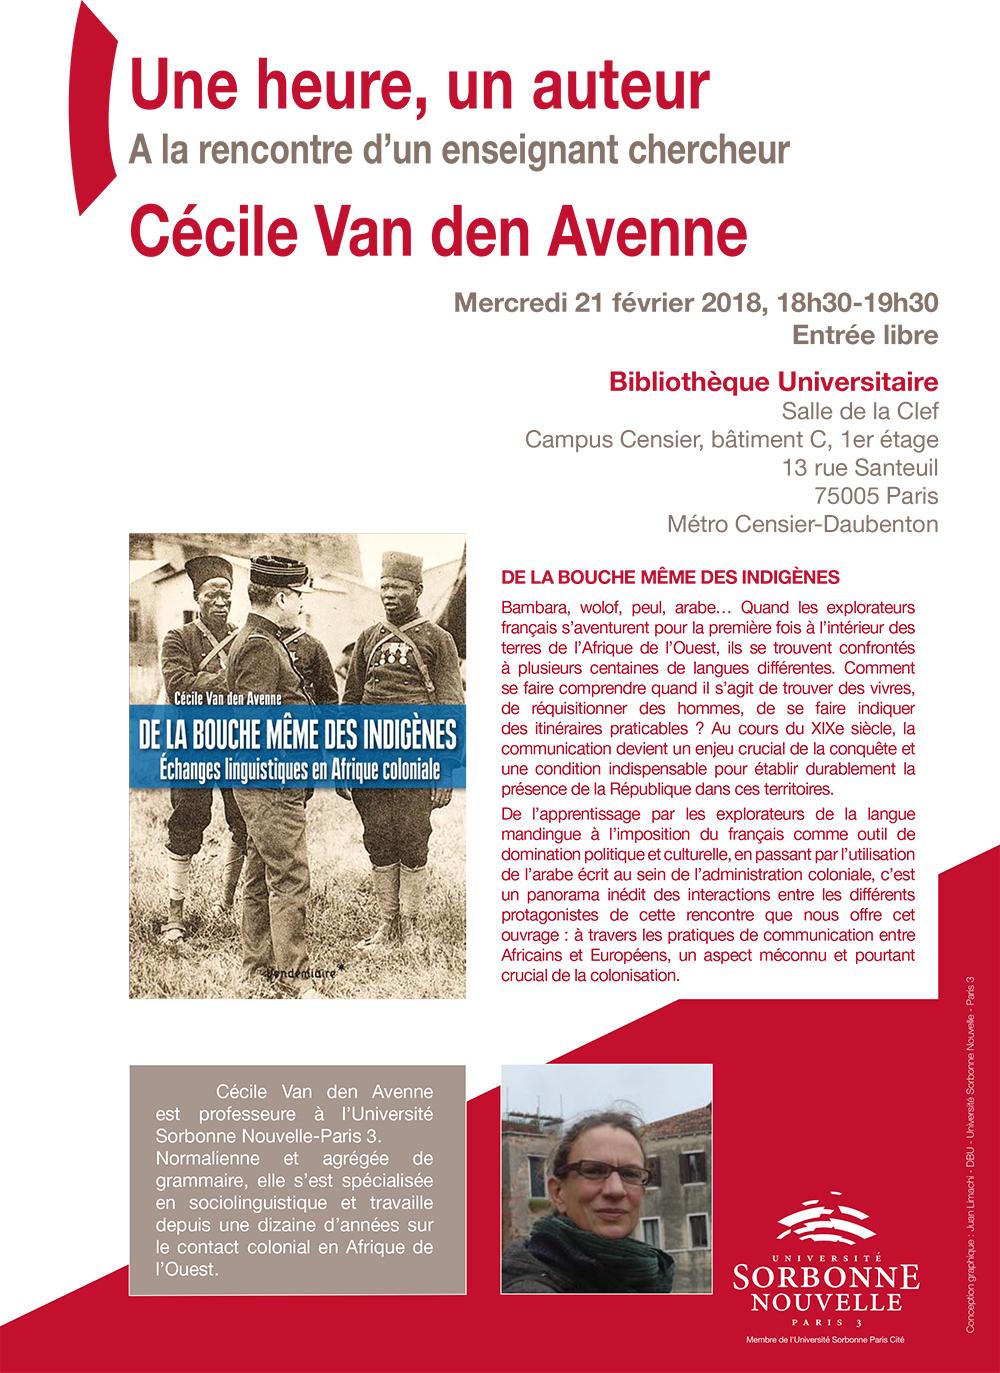 AFFICHE Cécile Van den Avenne version2.jpg